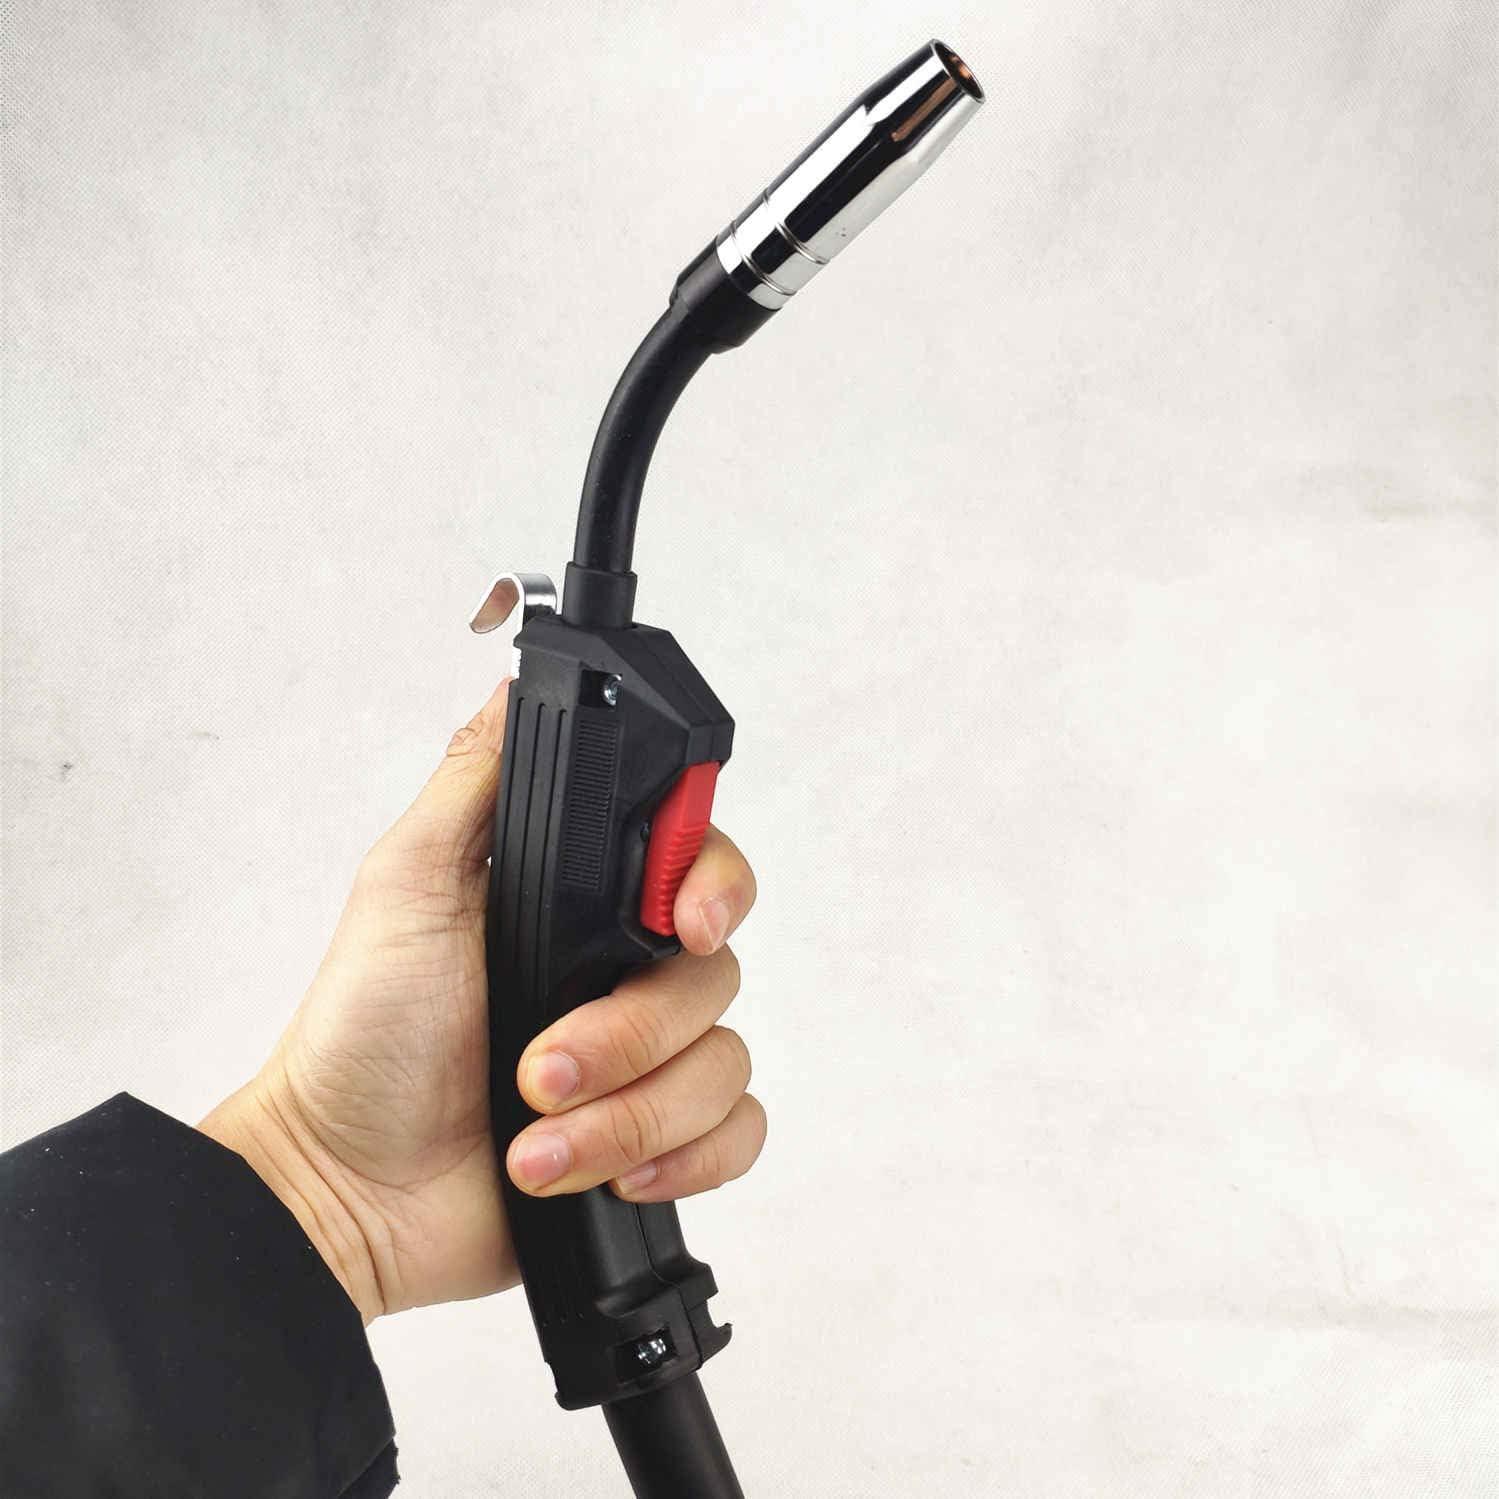 14AK Taschenlampe 180 A MIG MAG Taschenlampe luftgek/ühlt Schwei/ßpistole MB 15AK 14 AK Schwei/ßbrenner Kopf